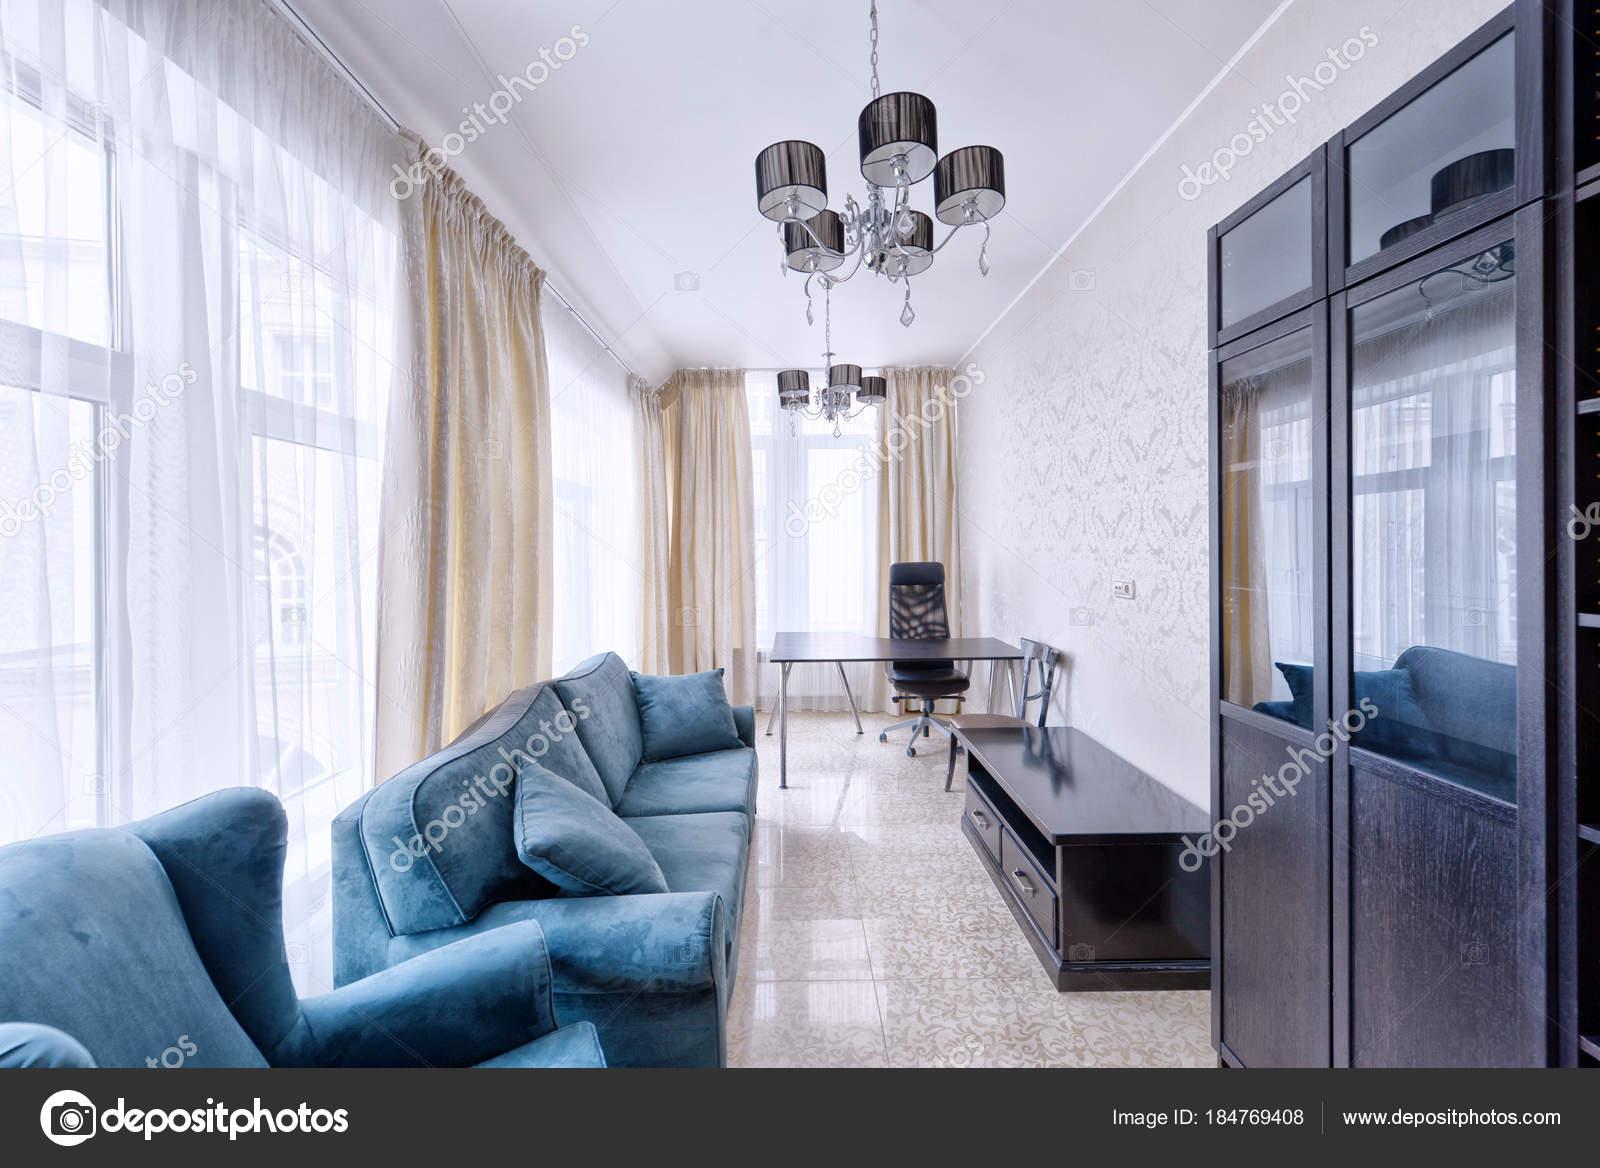 Zimmer Nach Innen Modernes Haus — Stockfoto © ovchinnikovfoto #184769408